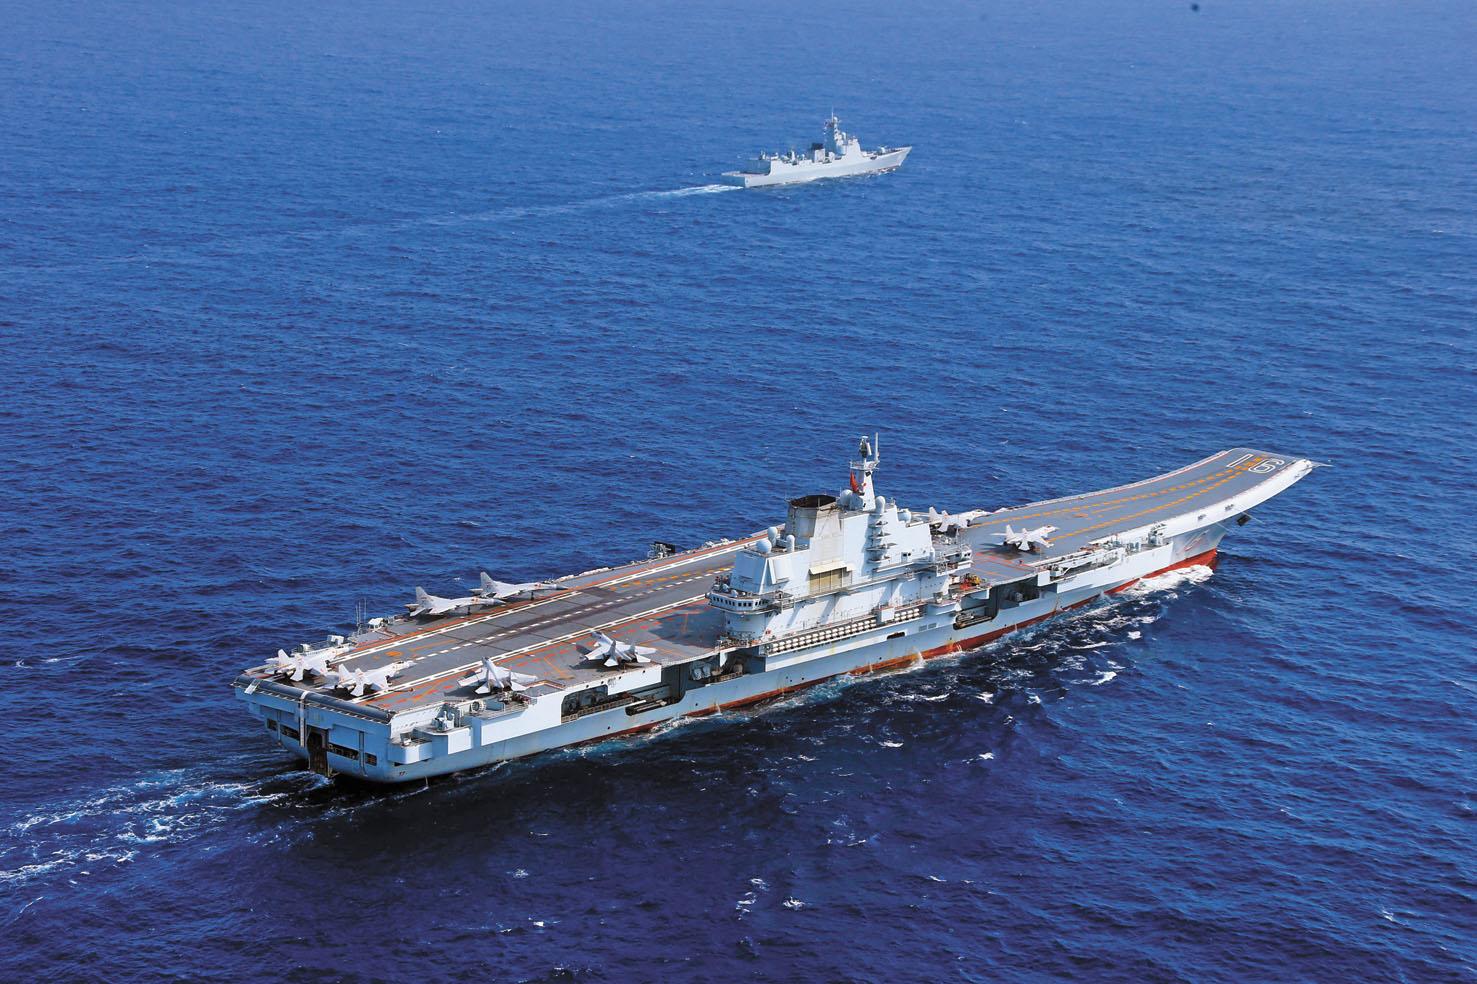 中國遼寧艦航母編隊(上圖)早前在台灣周邊海域進行訓練。中新社資料圖片/網上圖片